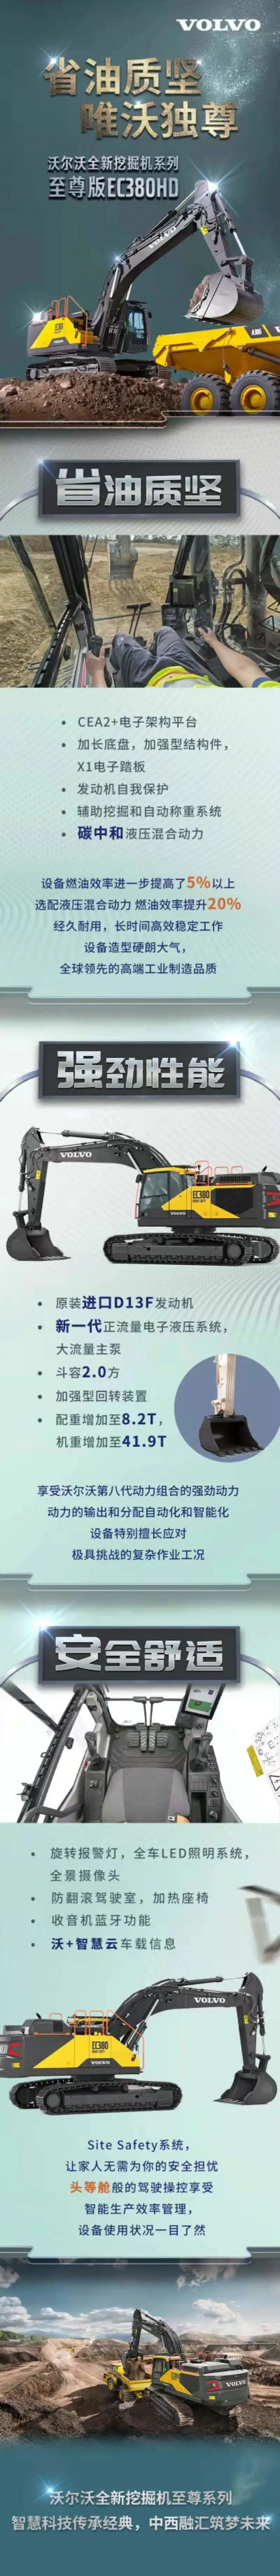 沃尔沃全新至尊EC380HD挖掘机,性能强劲的给力帮手